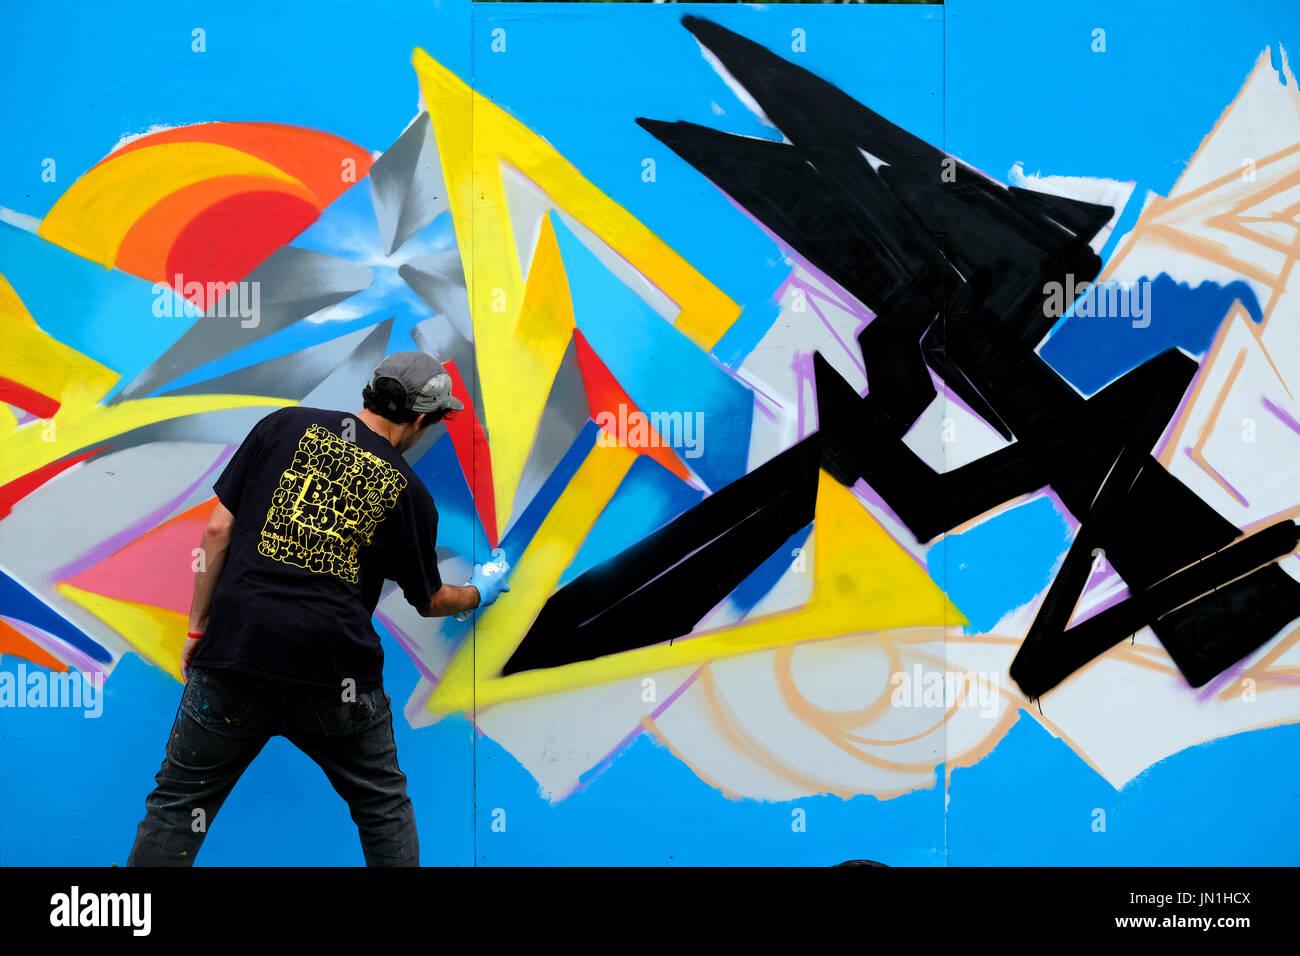 bristol-uk-29th-july-2017-a-grafitti-art